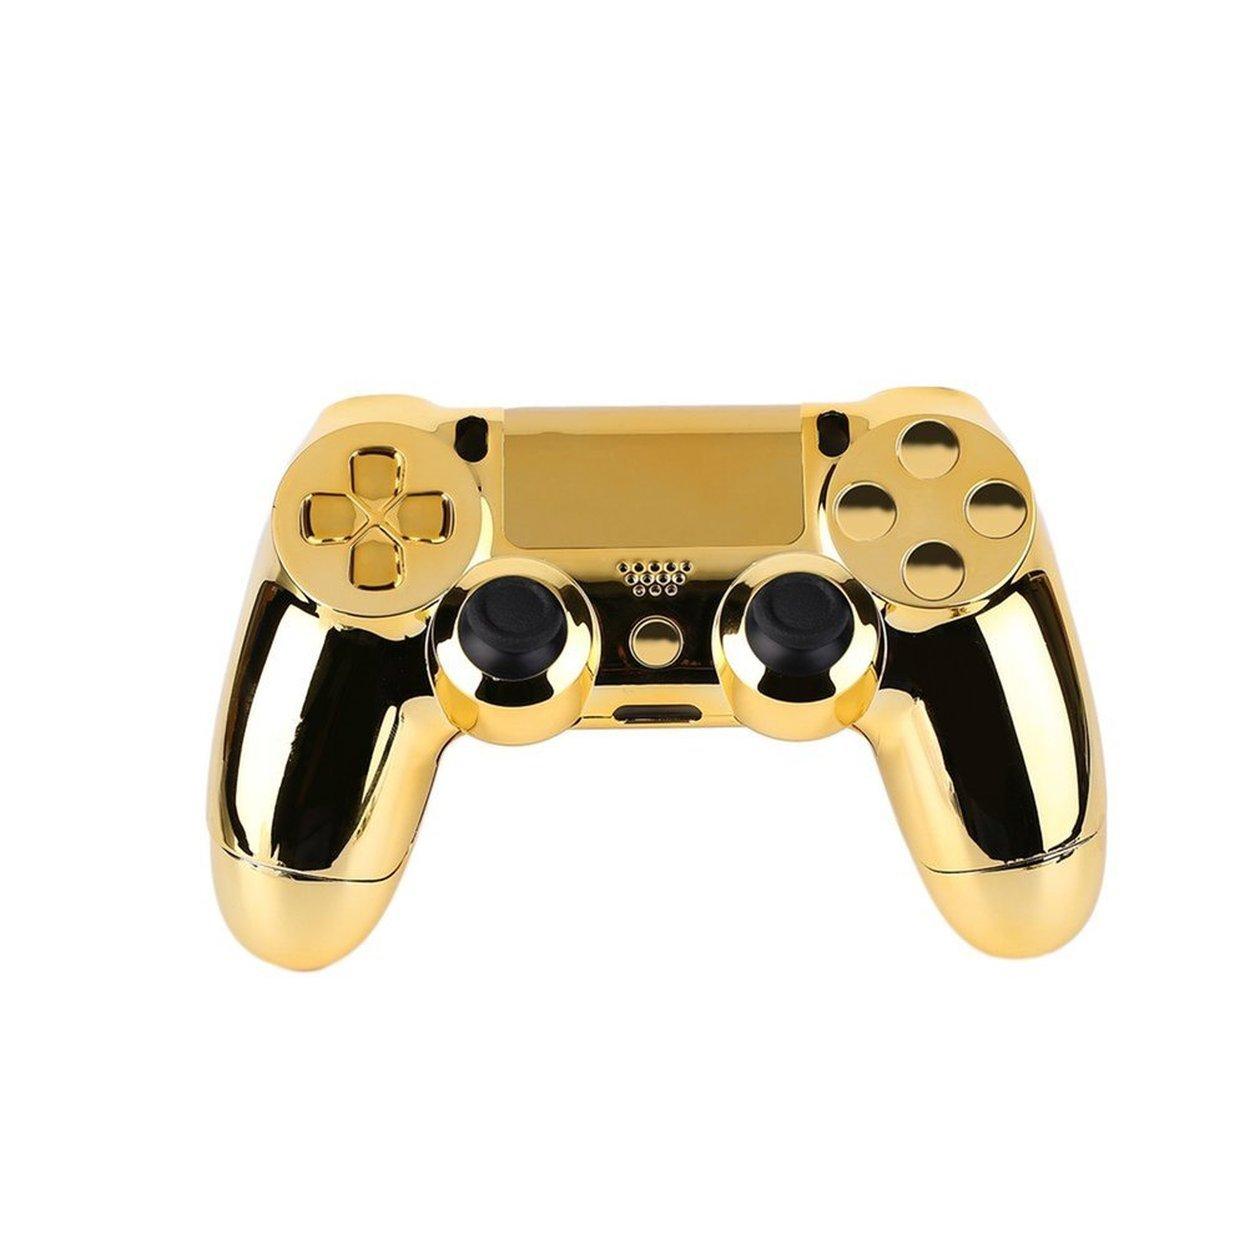 Custodia a conchiglia per custodia completa Set di pulsanti per la copertura della pelle con pulsanti completi Sostituzione del kit mod per controller PS4 Playstation 4 Nastro dorato colore: oro